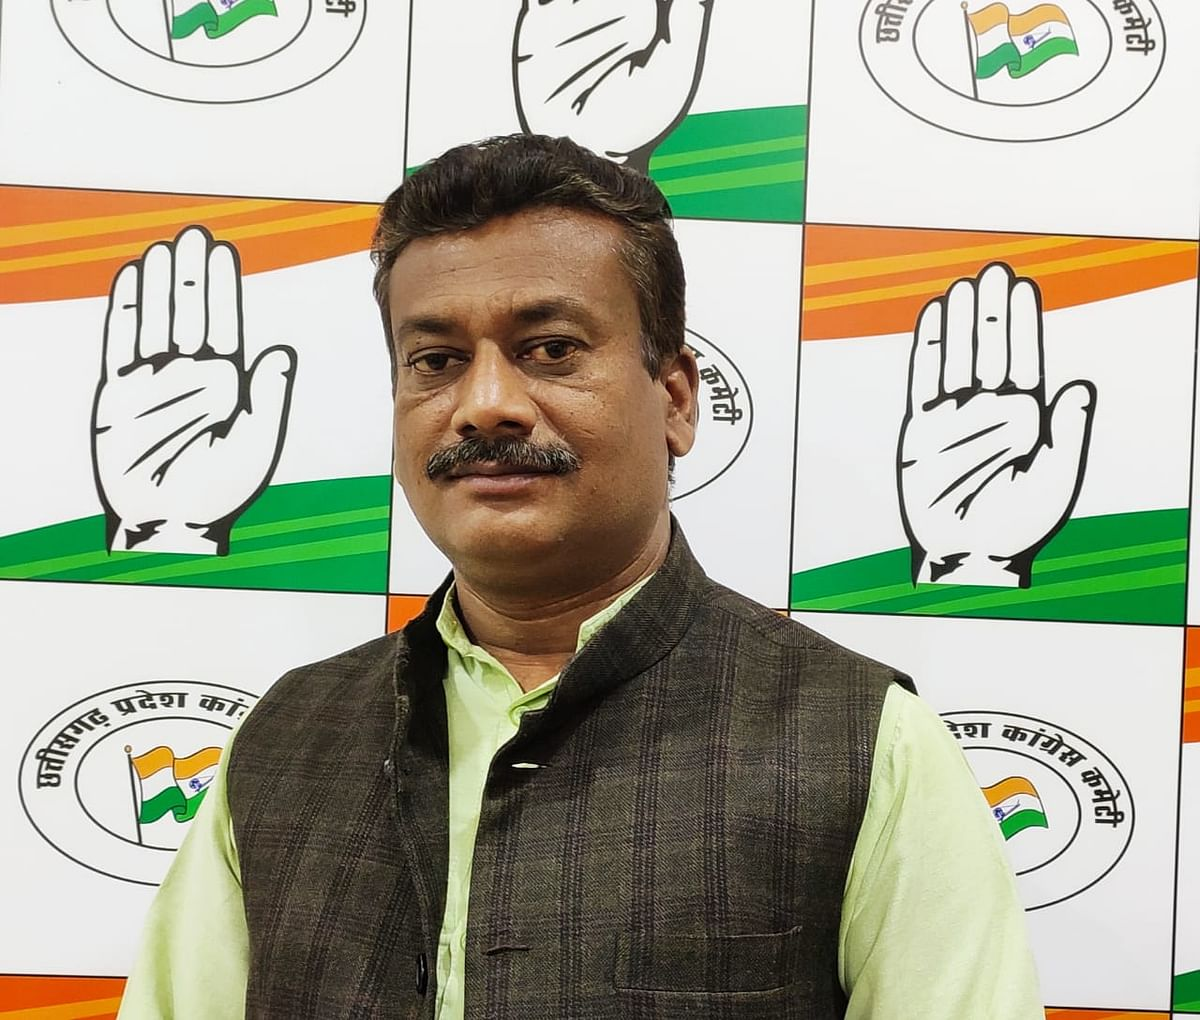 भाजपा नेता गिरफ्तारी की सियासी नौटंकी कर टूलकिट के कालिख धोने में जुटी : कांग्रेस